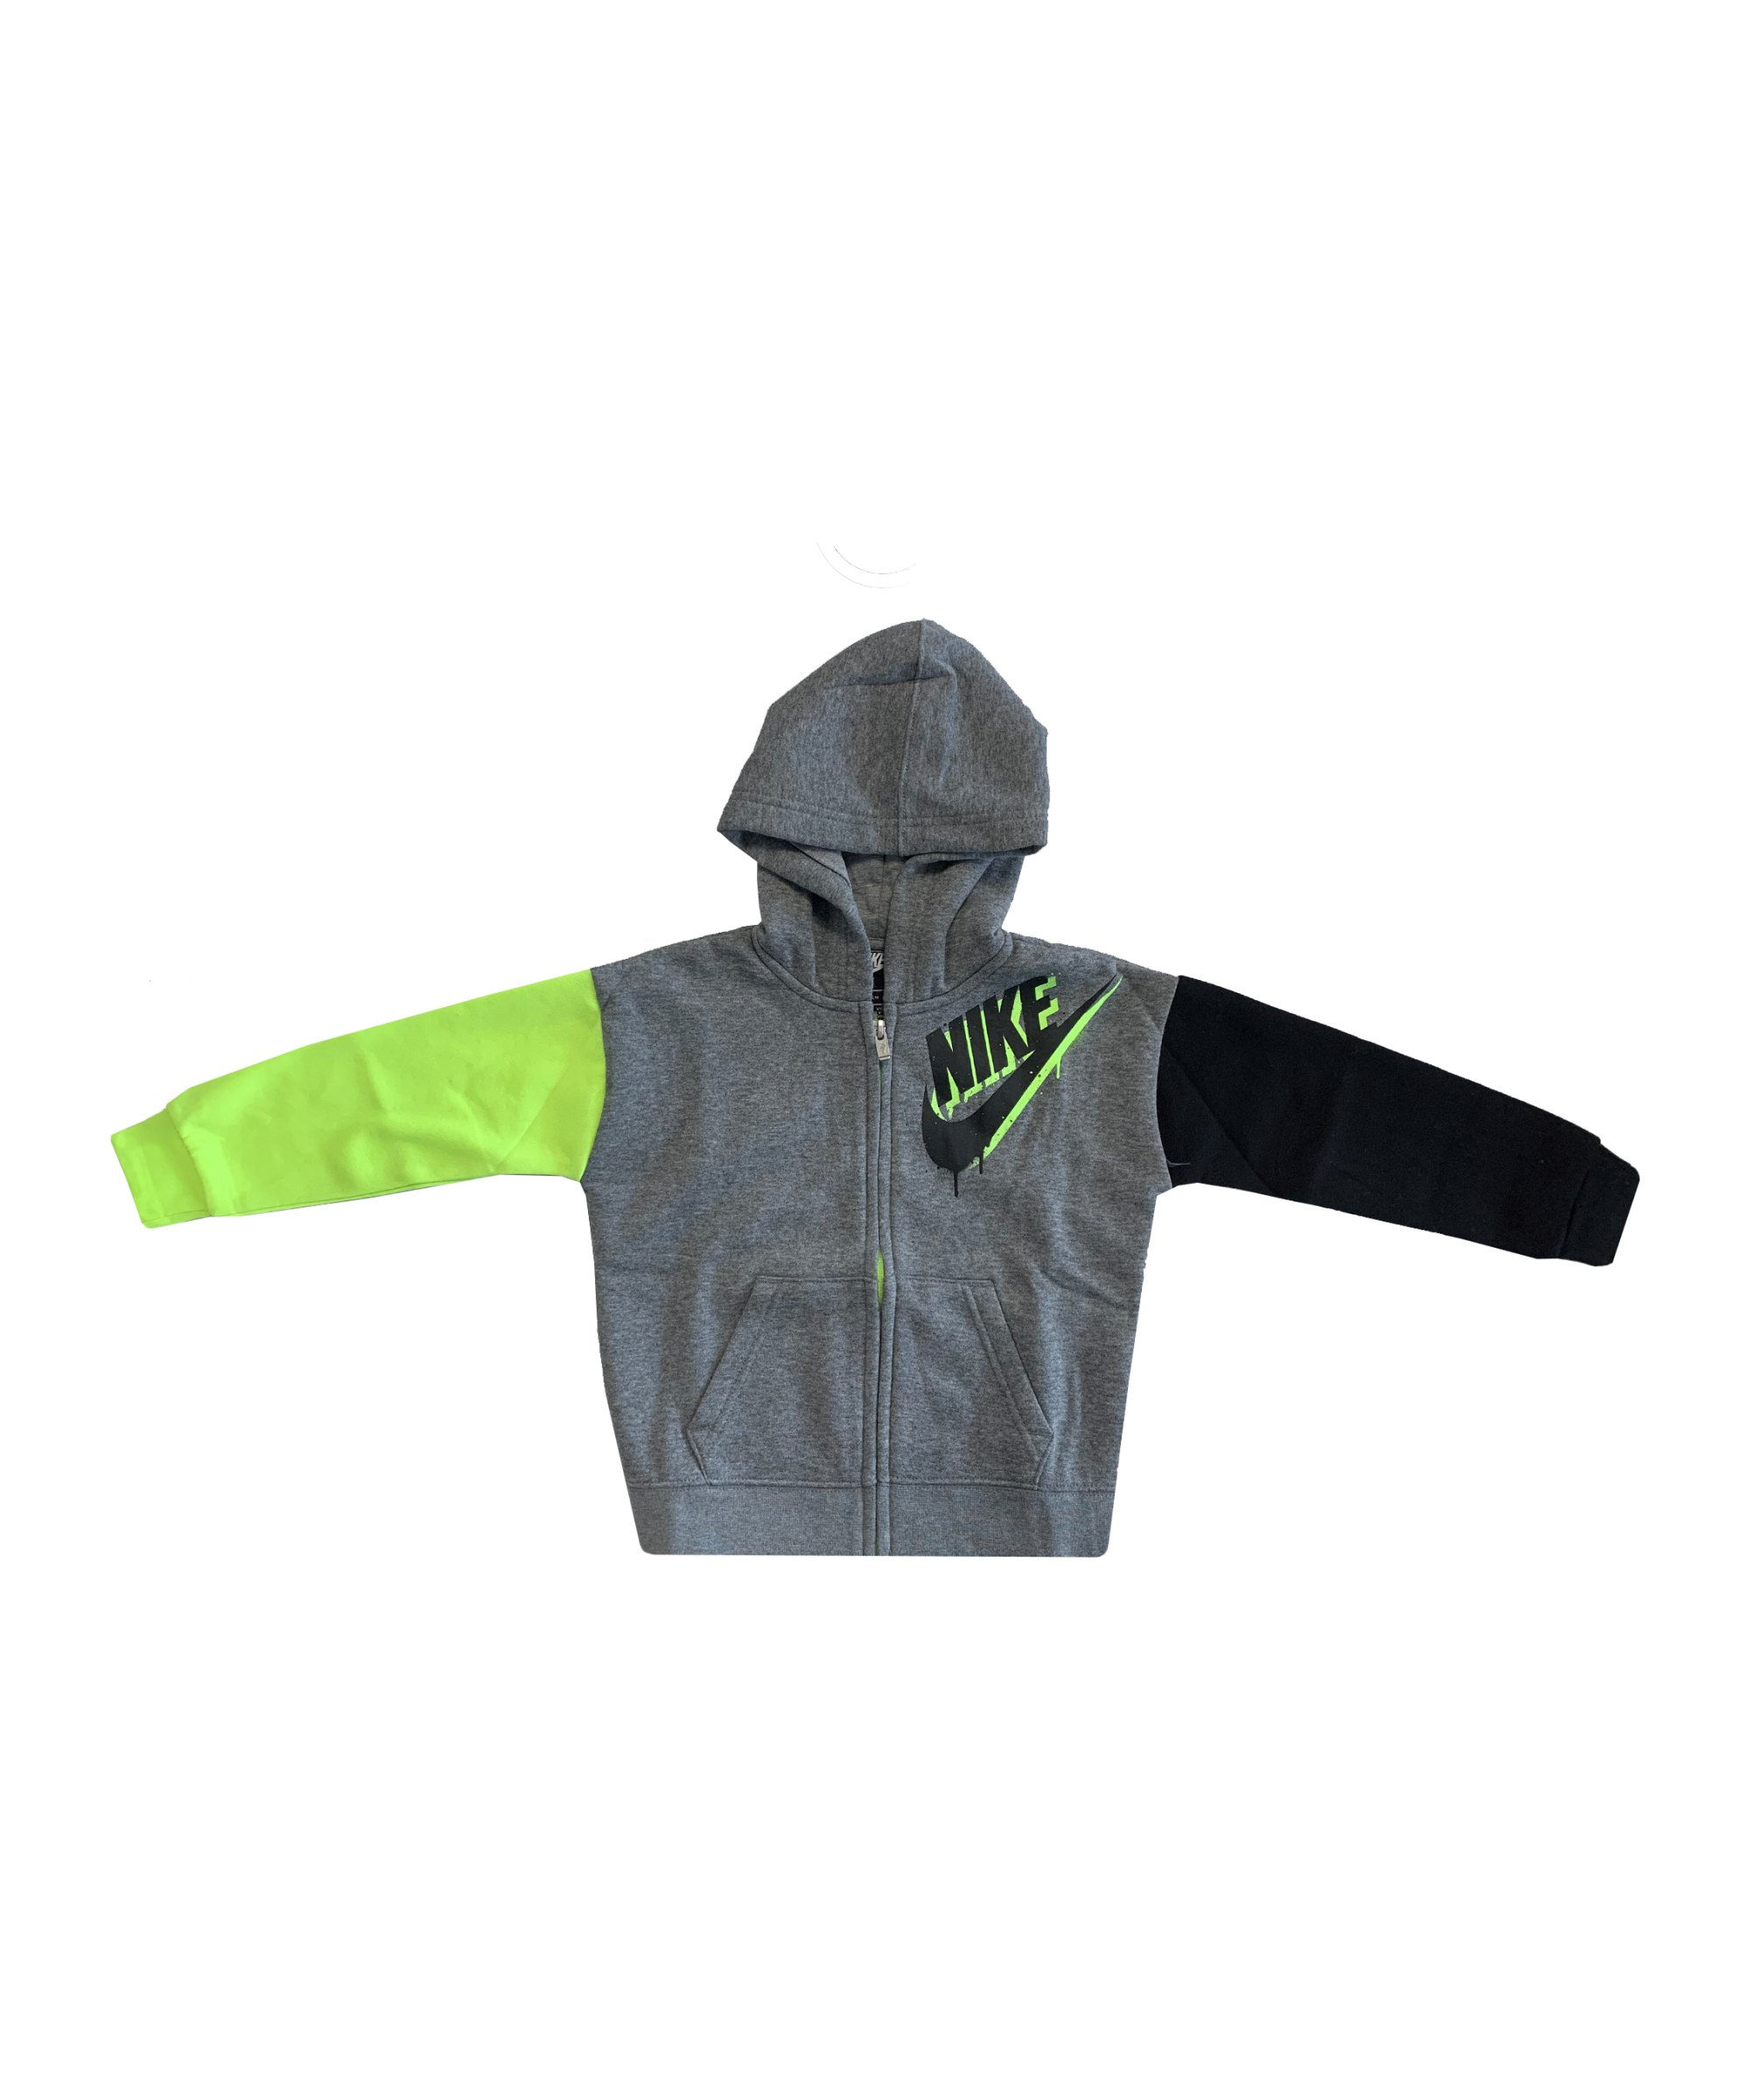 Nike Tag Kapuzenjacke Kids Grau FGEH - grau